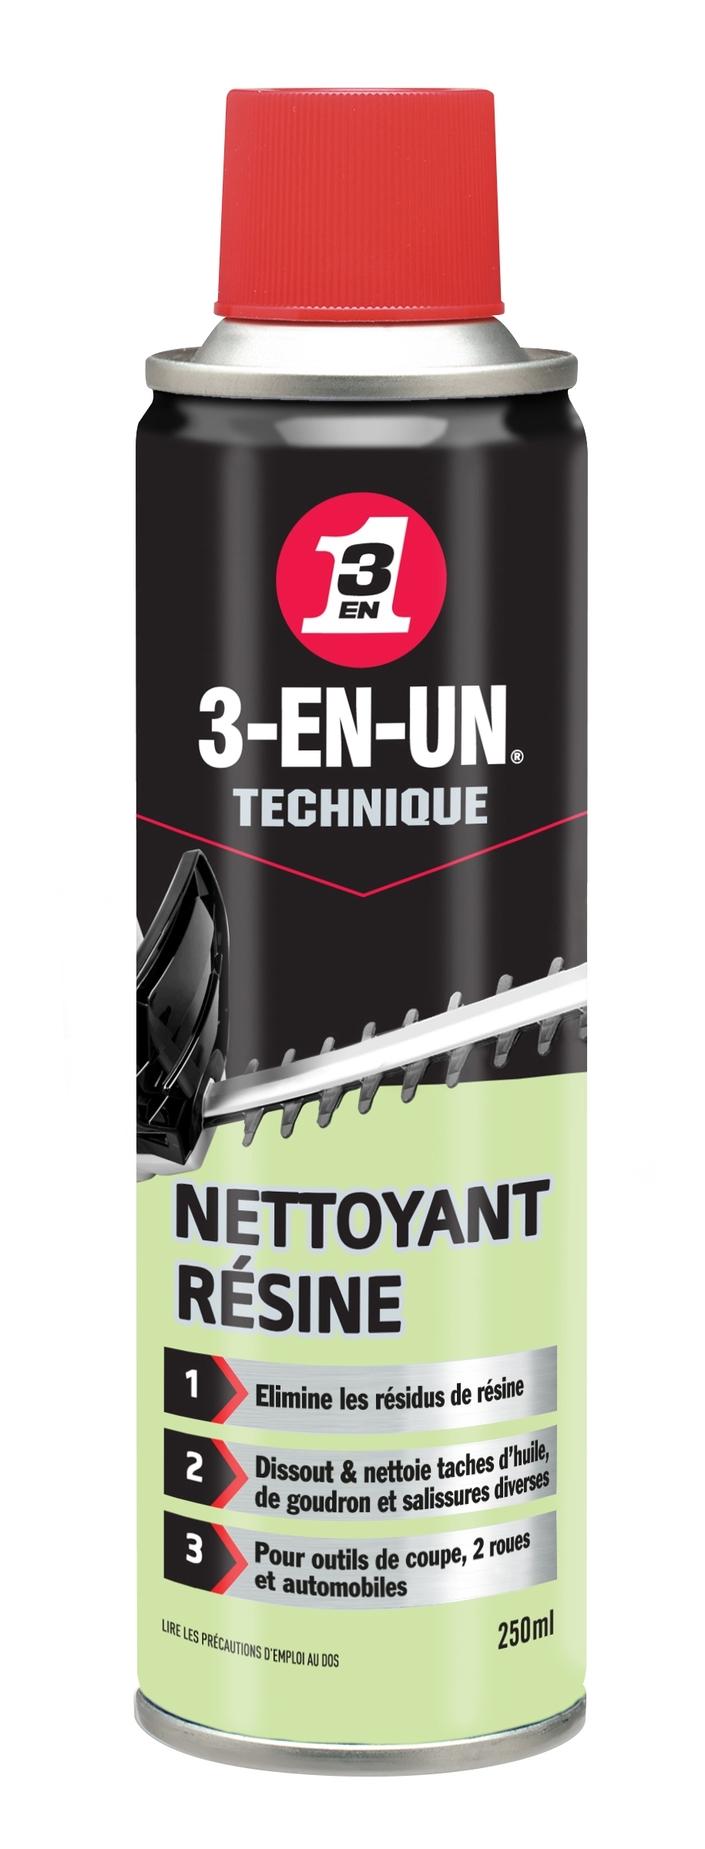 Nettoyant Résine 3-en-Un: nettoyage de printemps